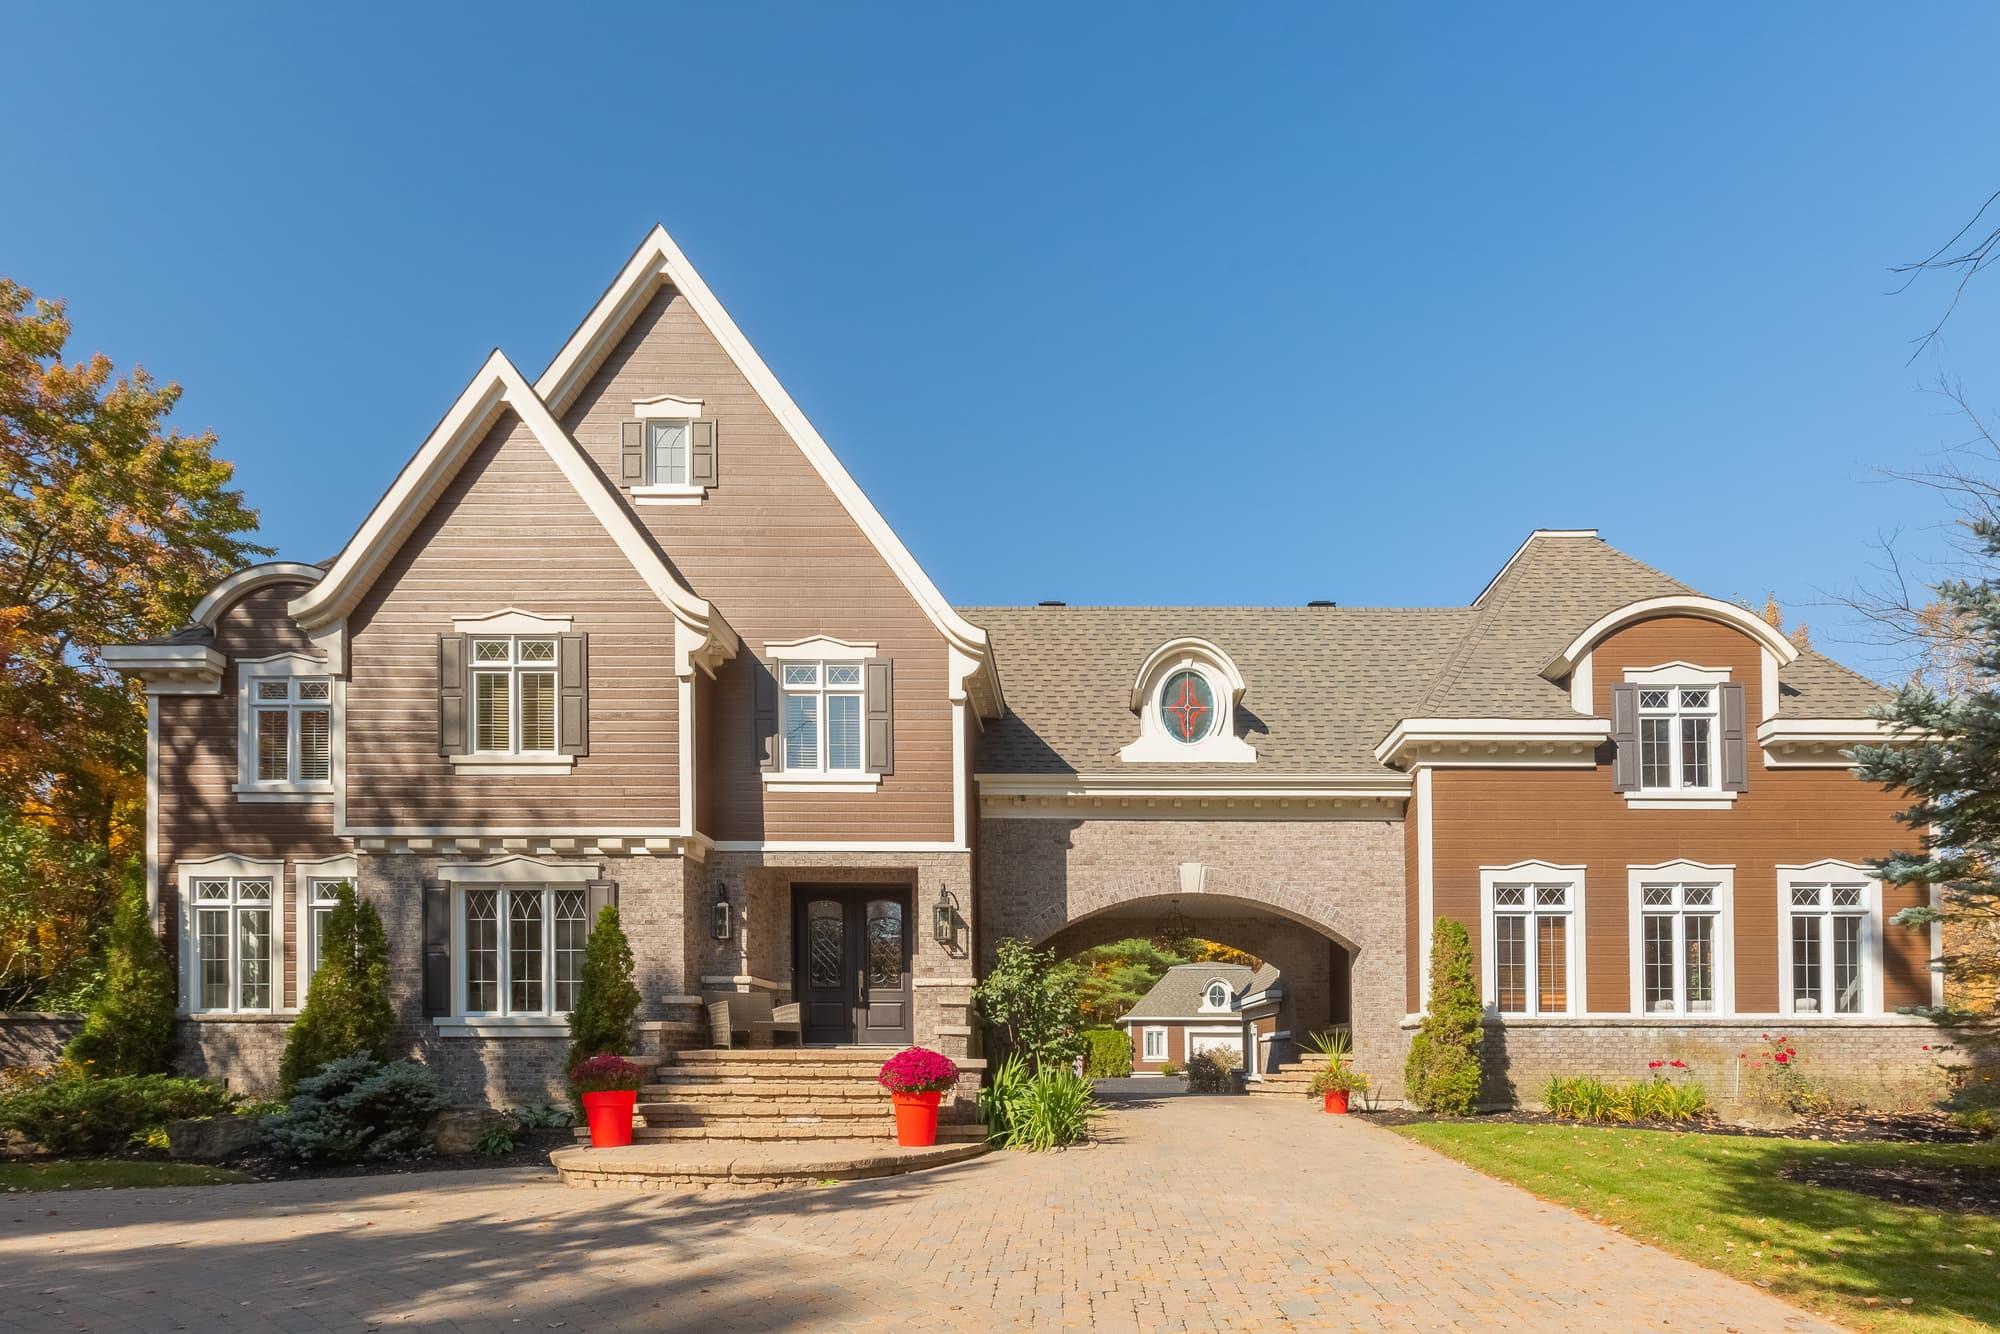 revêtement extérieur en canexel brun pâle sur une maison de prestige - vue façade